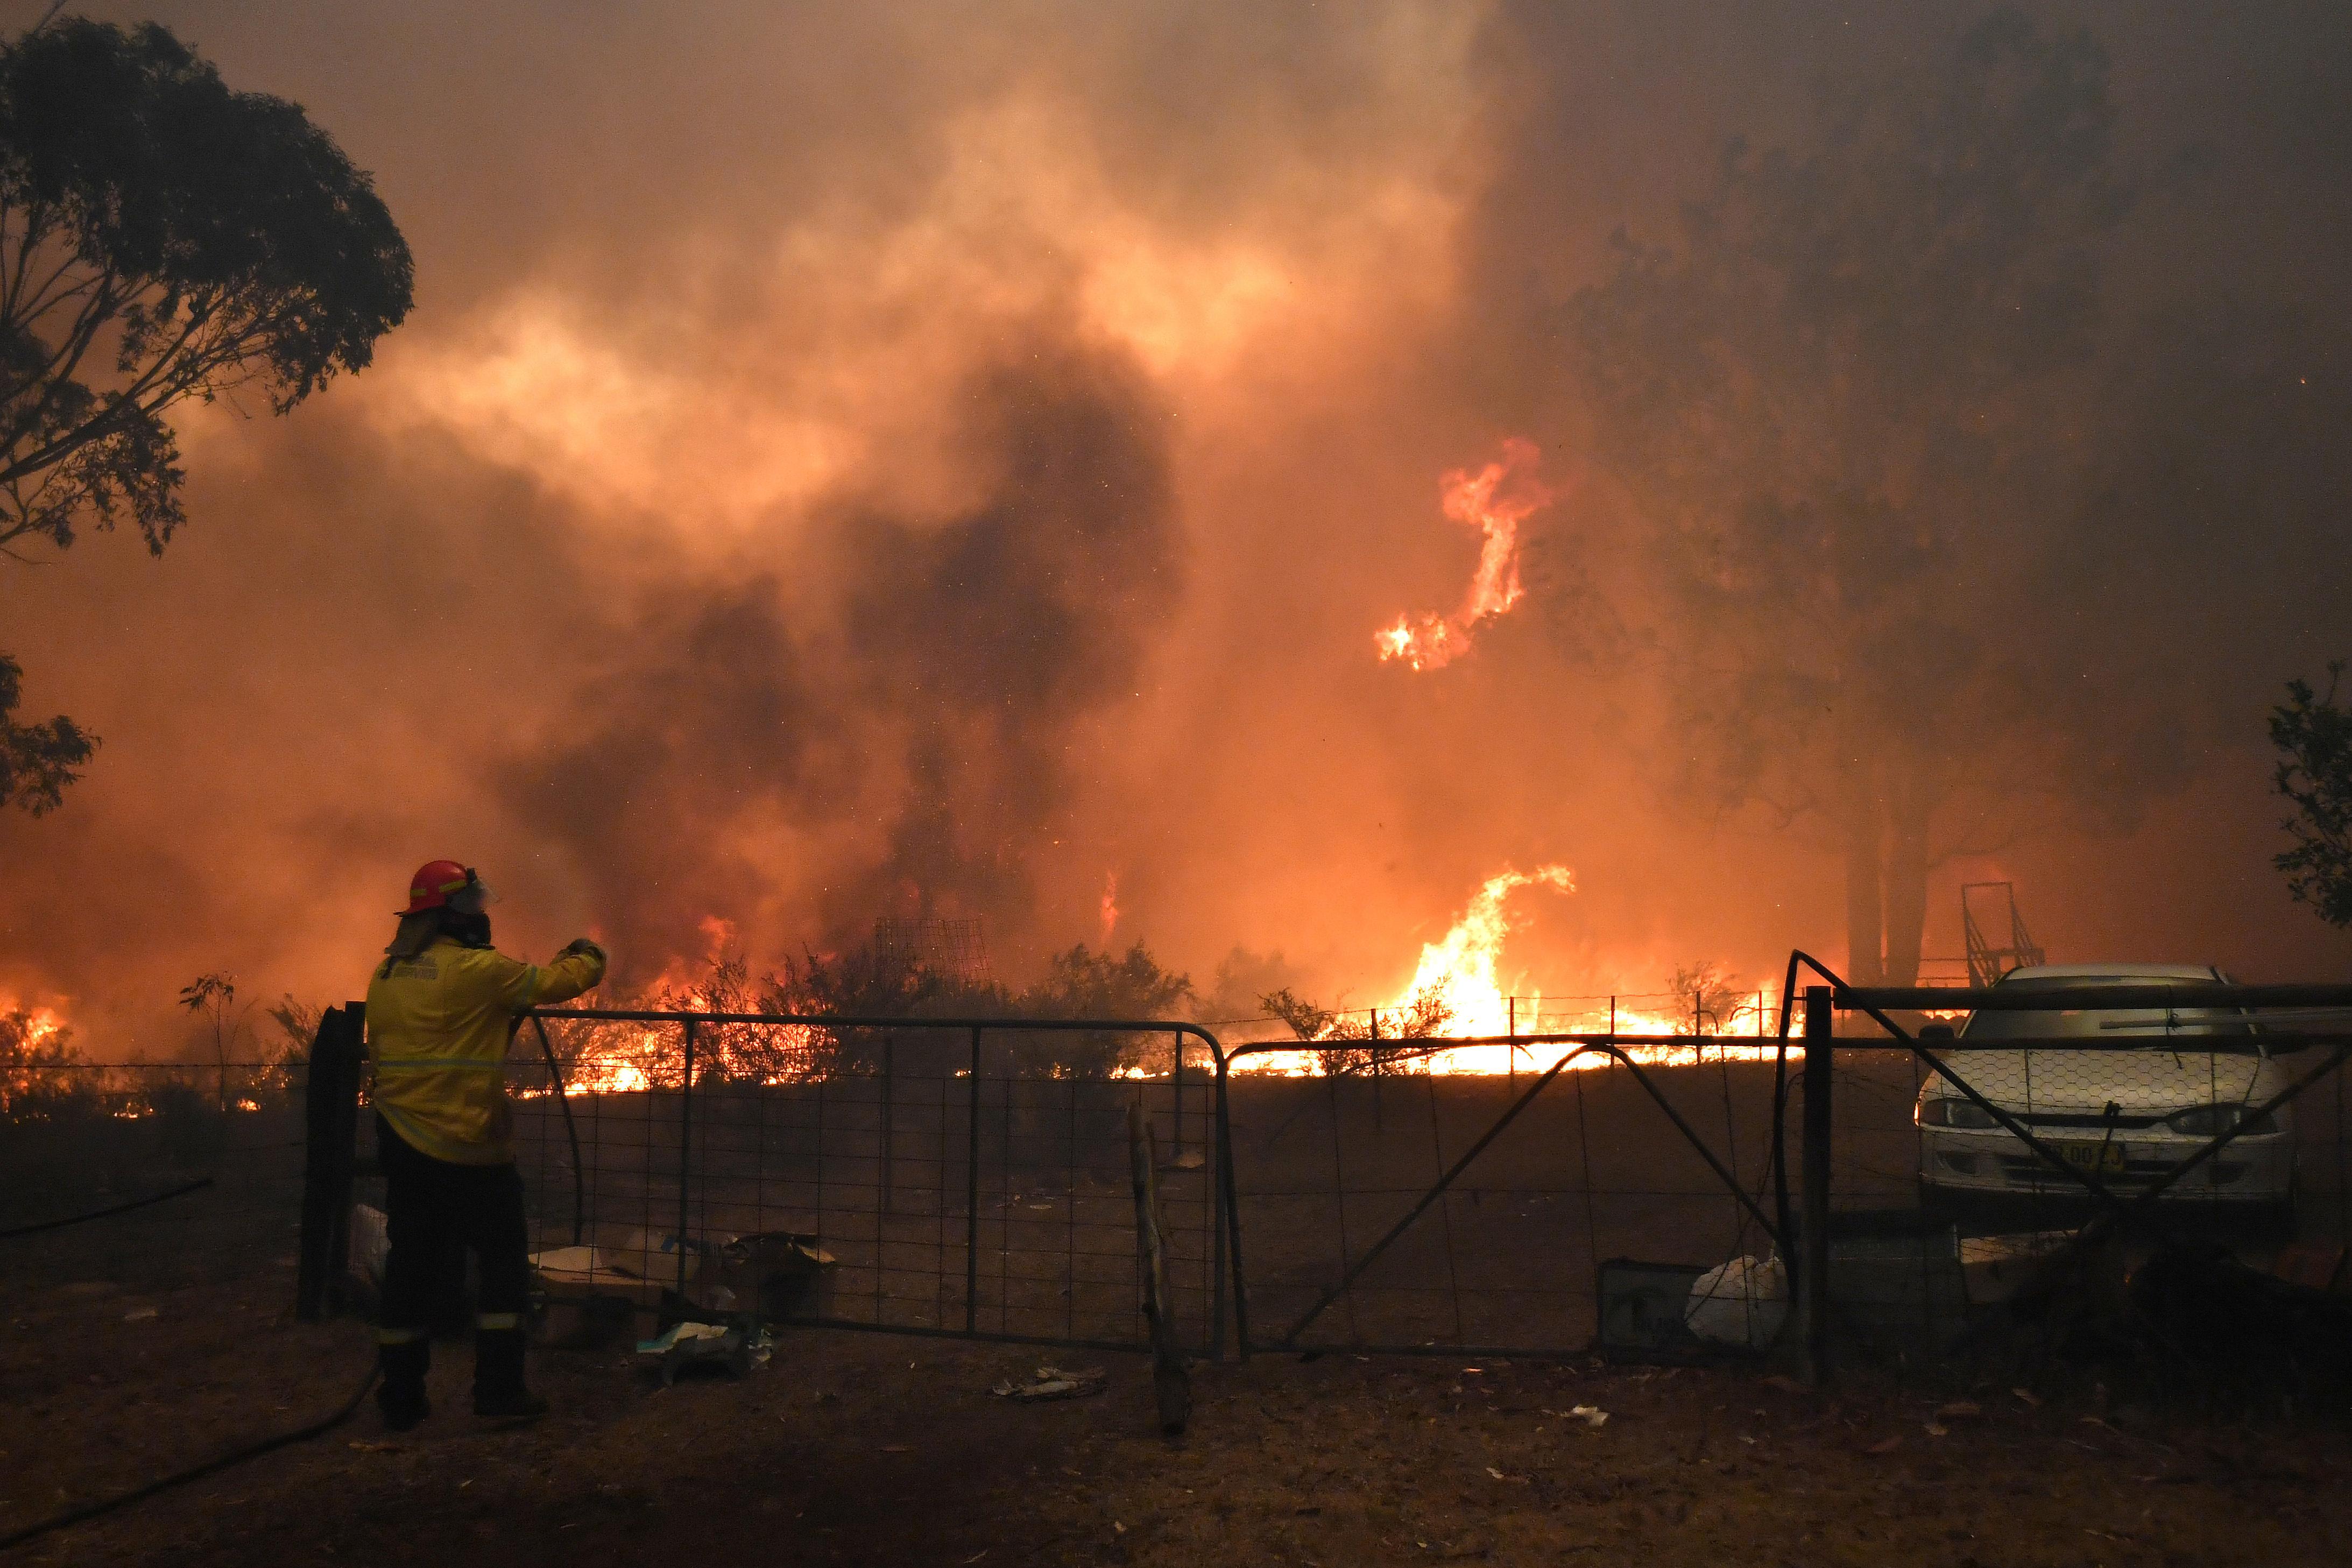 """Αυστραλία: Δεν σταματιέται ο πύρινος όλεθρος! """"Φύγετε γρήγορα από τα σπίτια σας"""" - Έφτασαν τους 26 οι νεκροί"""